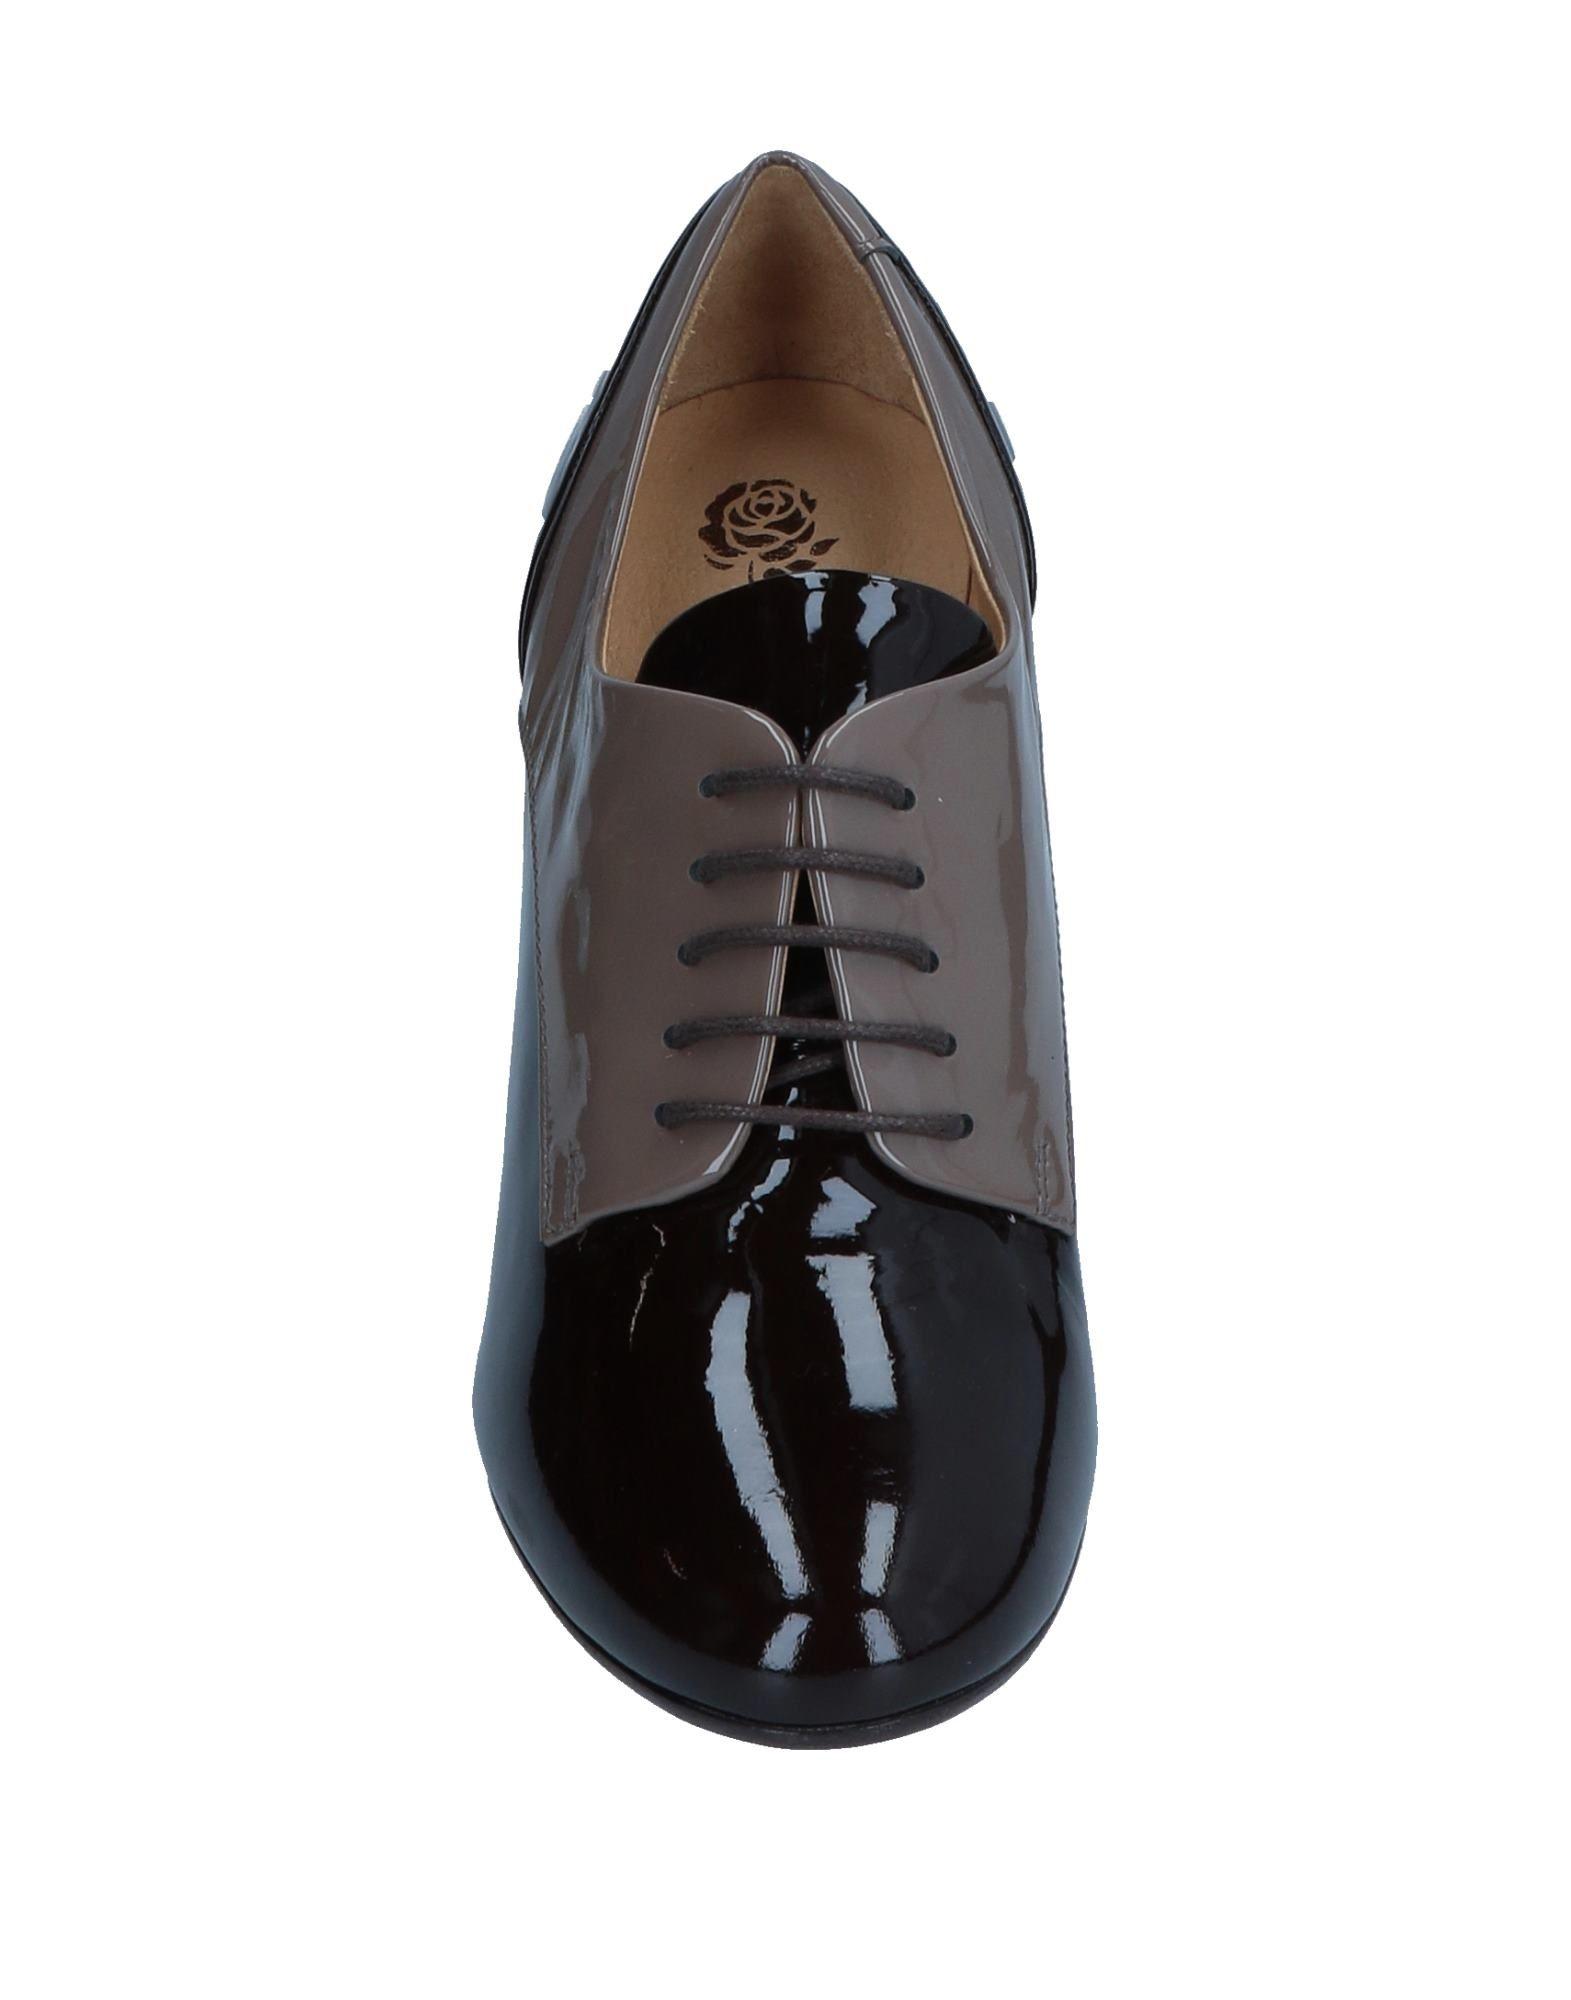 Malìparmi Gute Schnürschuhe Damen  11546382EL Gute Malìparmi Qualität beliebte Schuhe 436f41